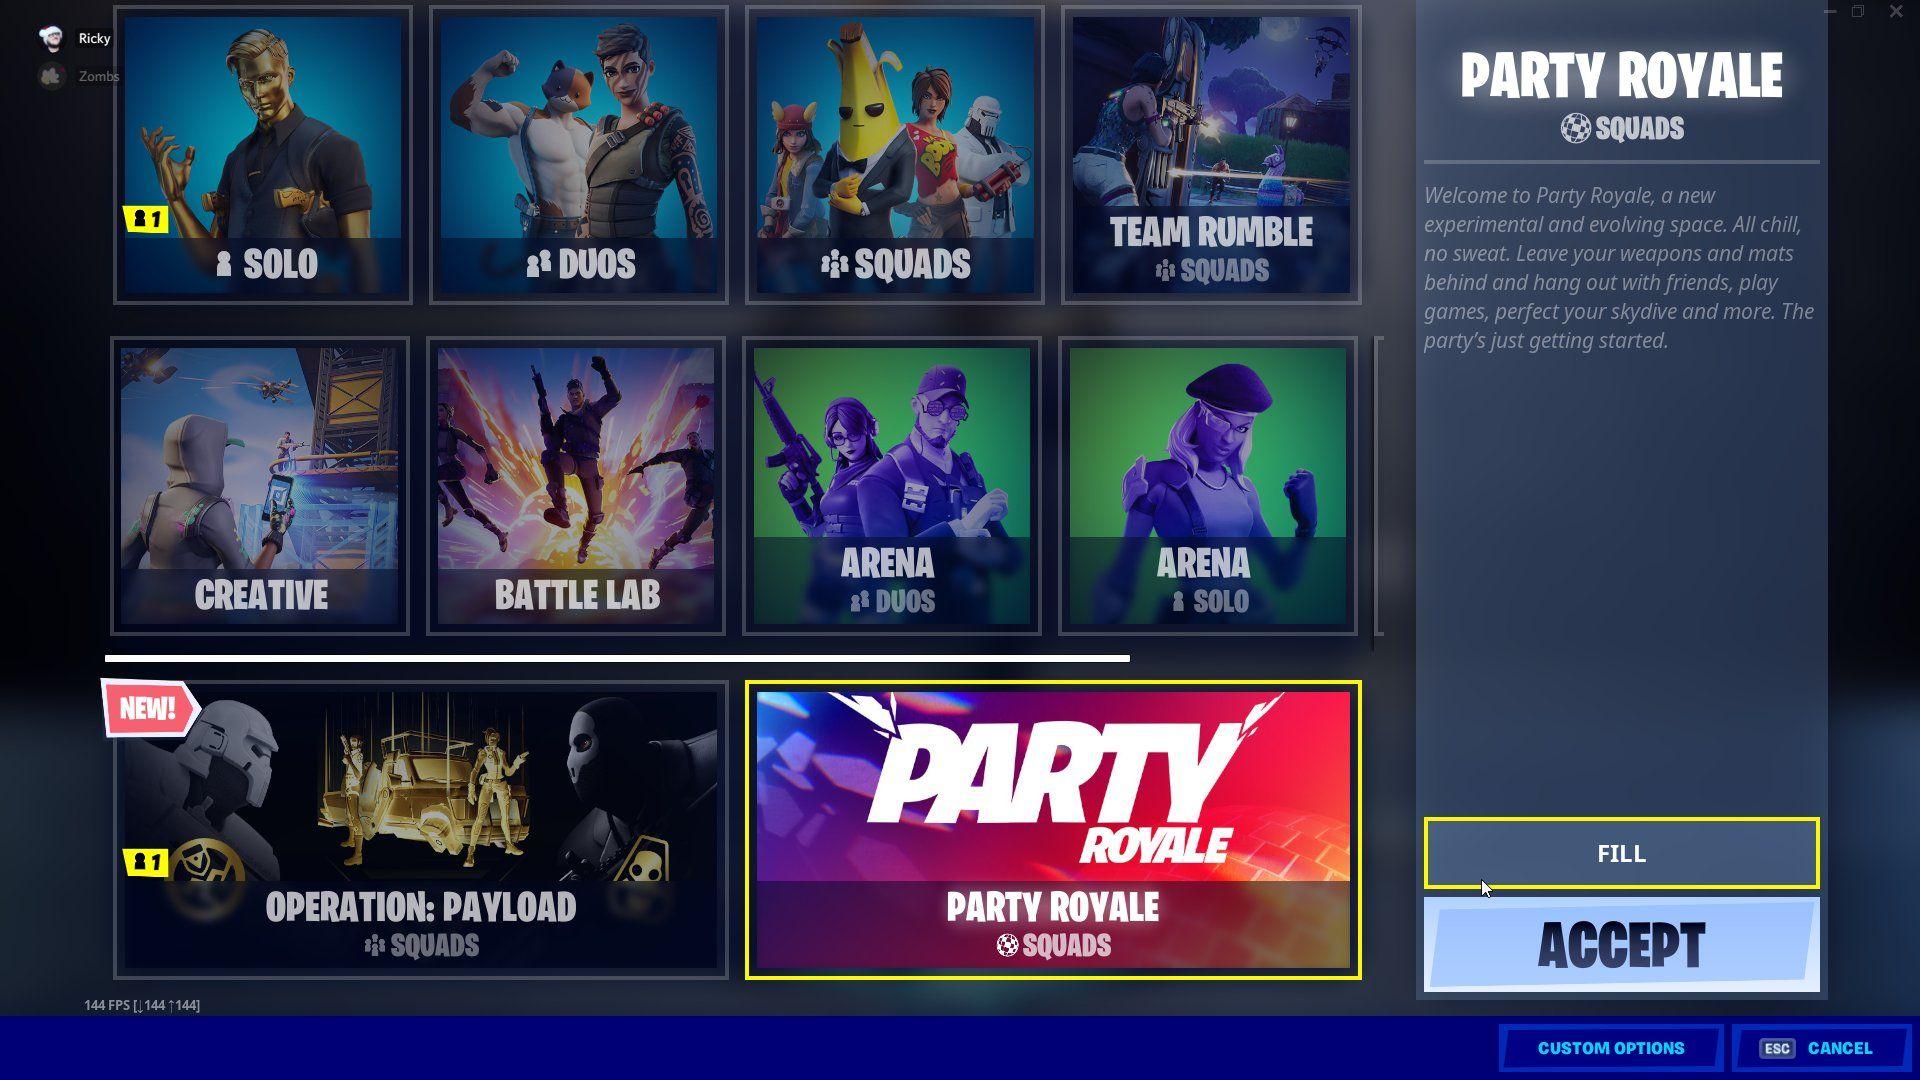 Party-modusen er ment å utforskes i grupper.